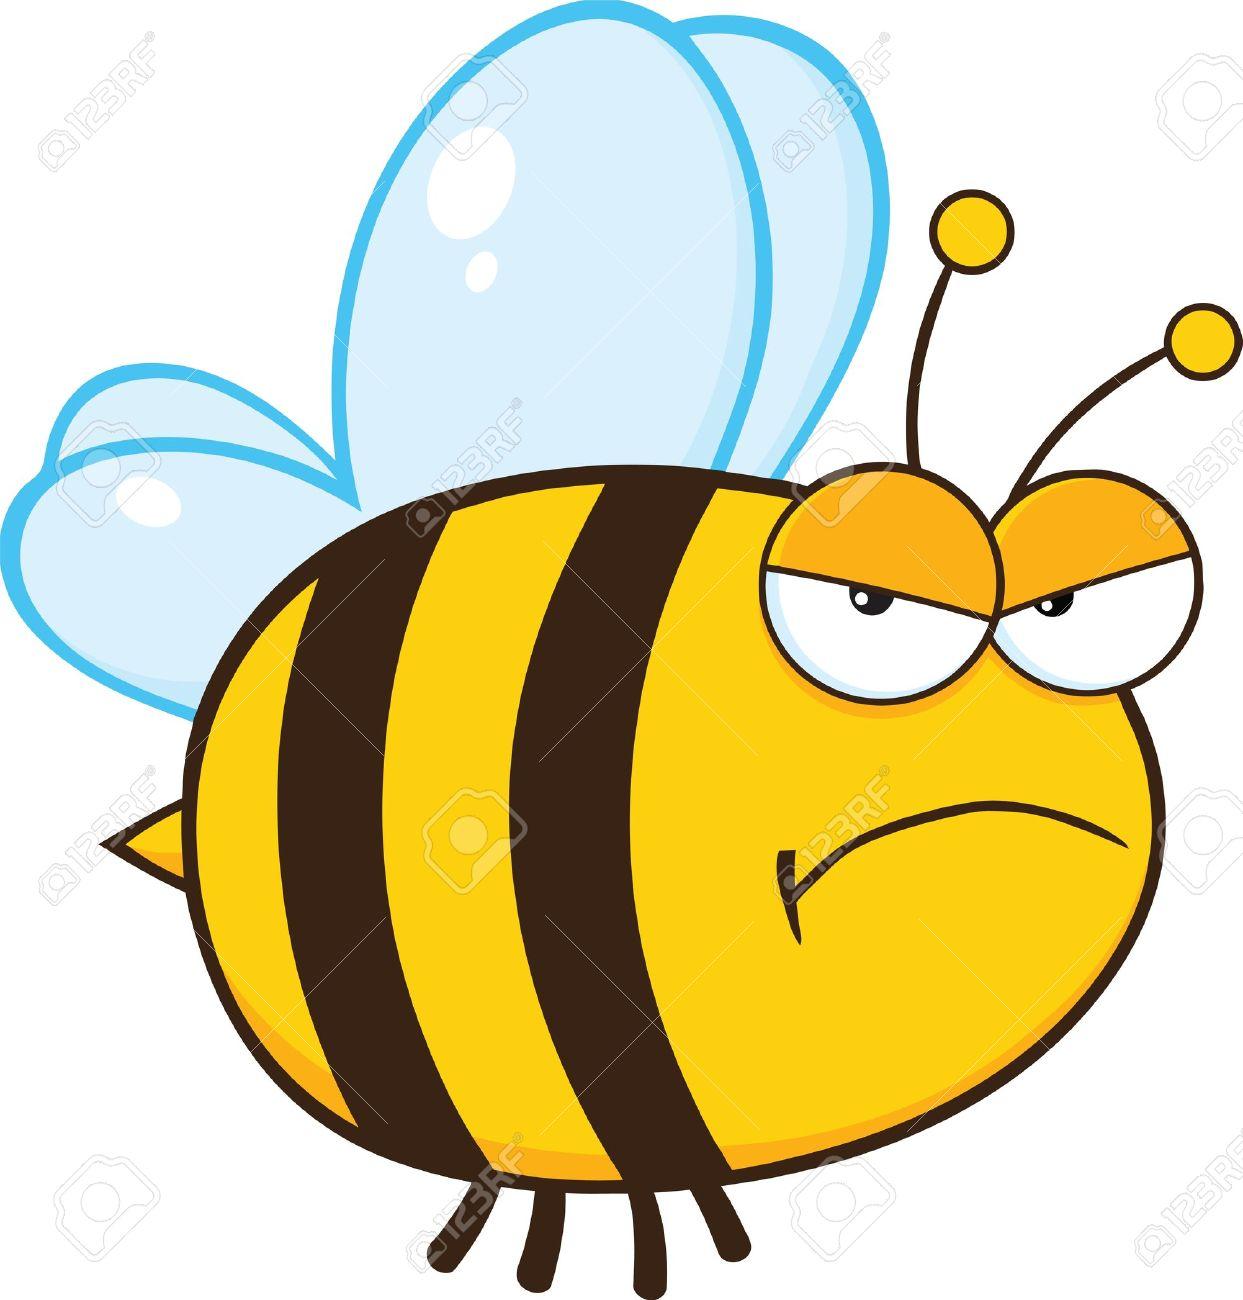 1243x1300 Angry Bee Cartoon Mascot Character Royalty Free Cliparts, Vectors